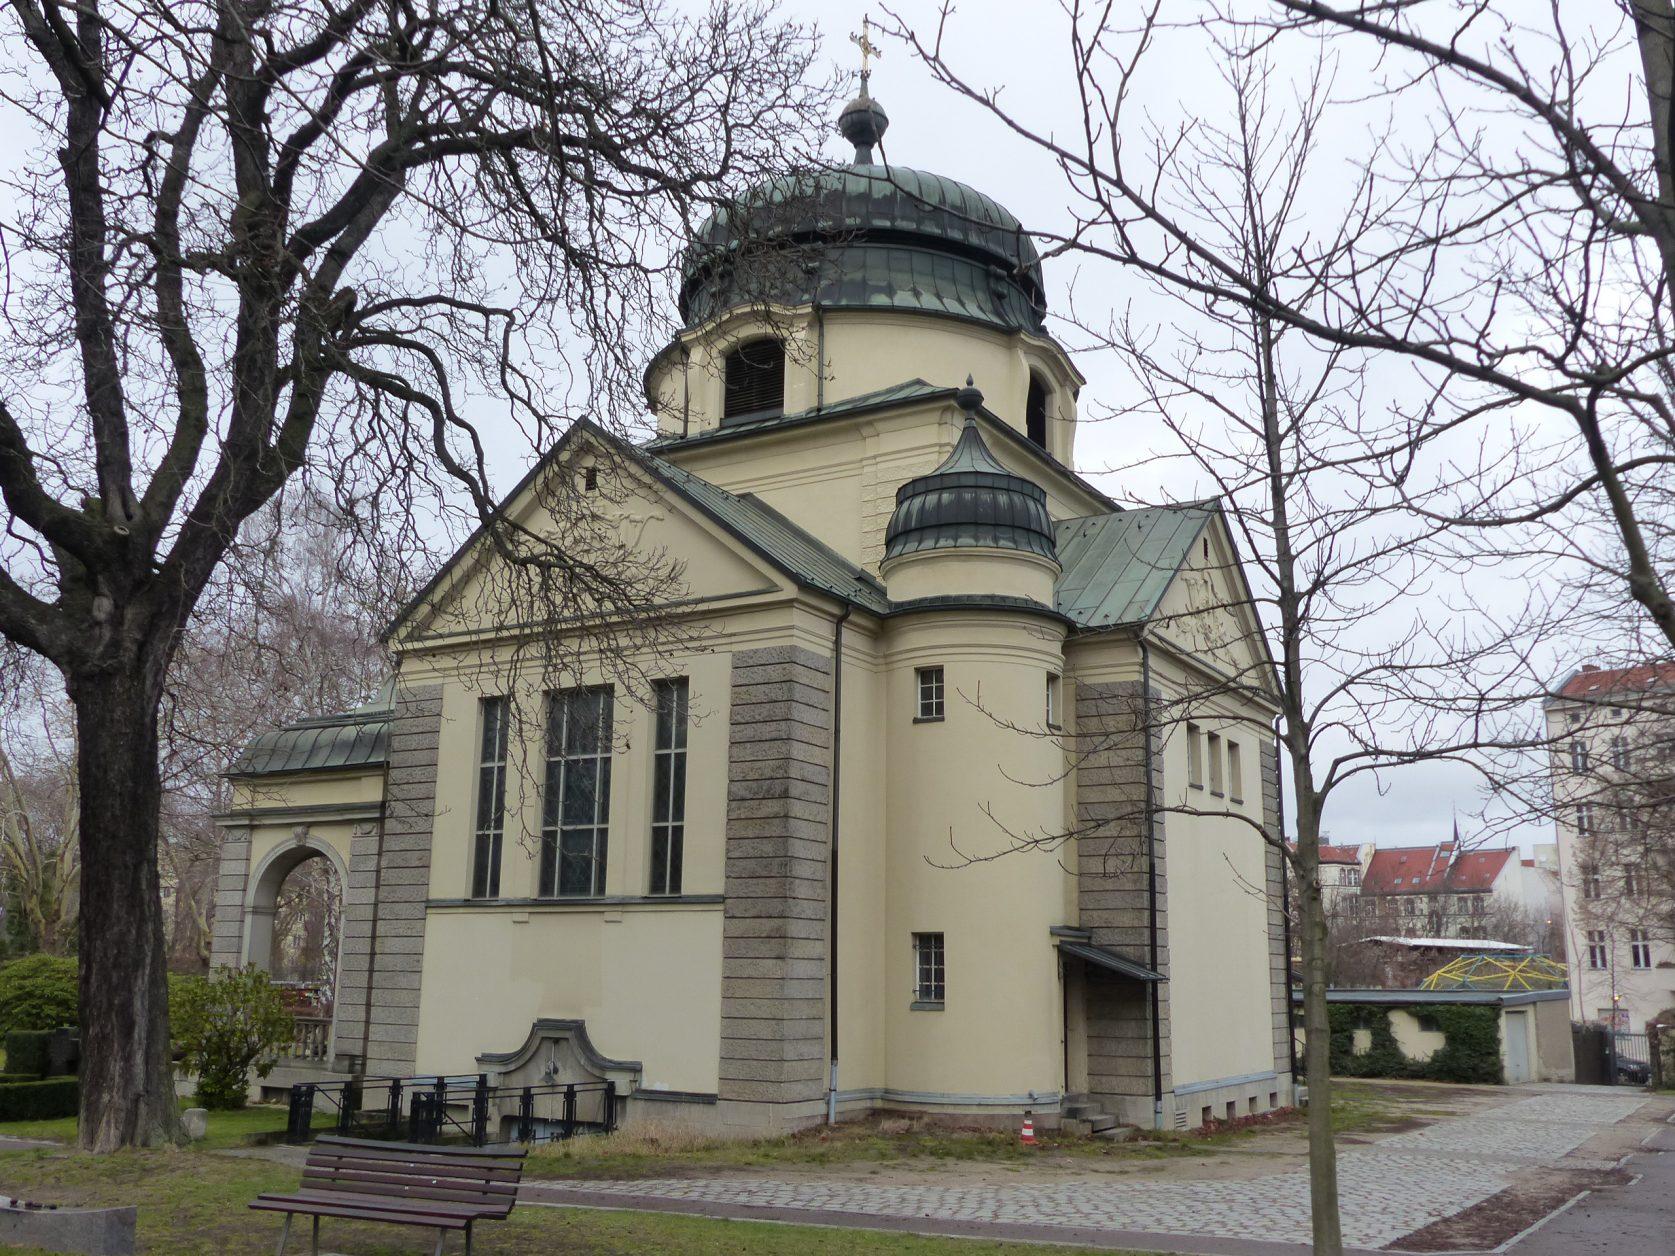 In den Jahren 1907/1908 entstand die von Gustav Werner entworfene Kapelle als Zentralbau mit Kuppel